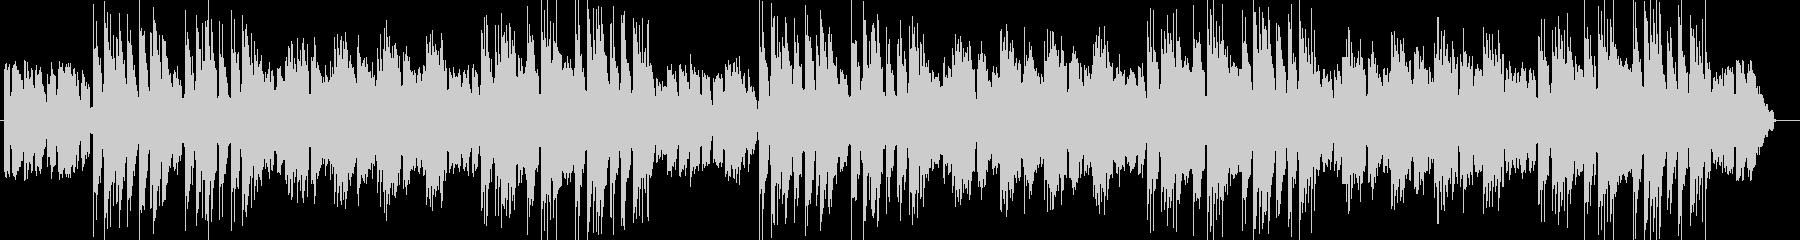 切ないムーディーギターサウンドの未再生の波形